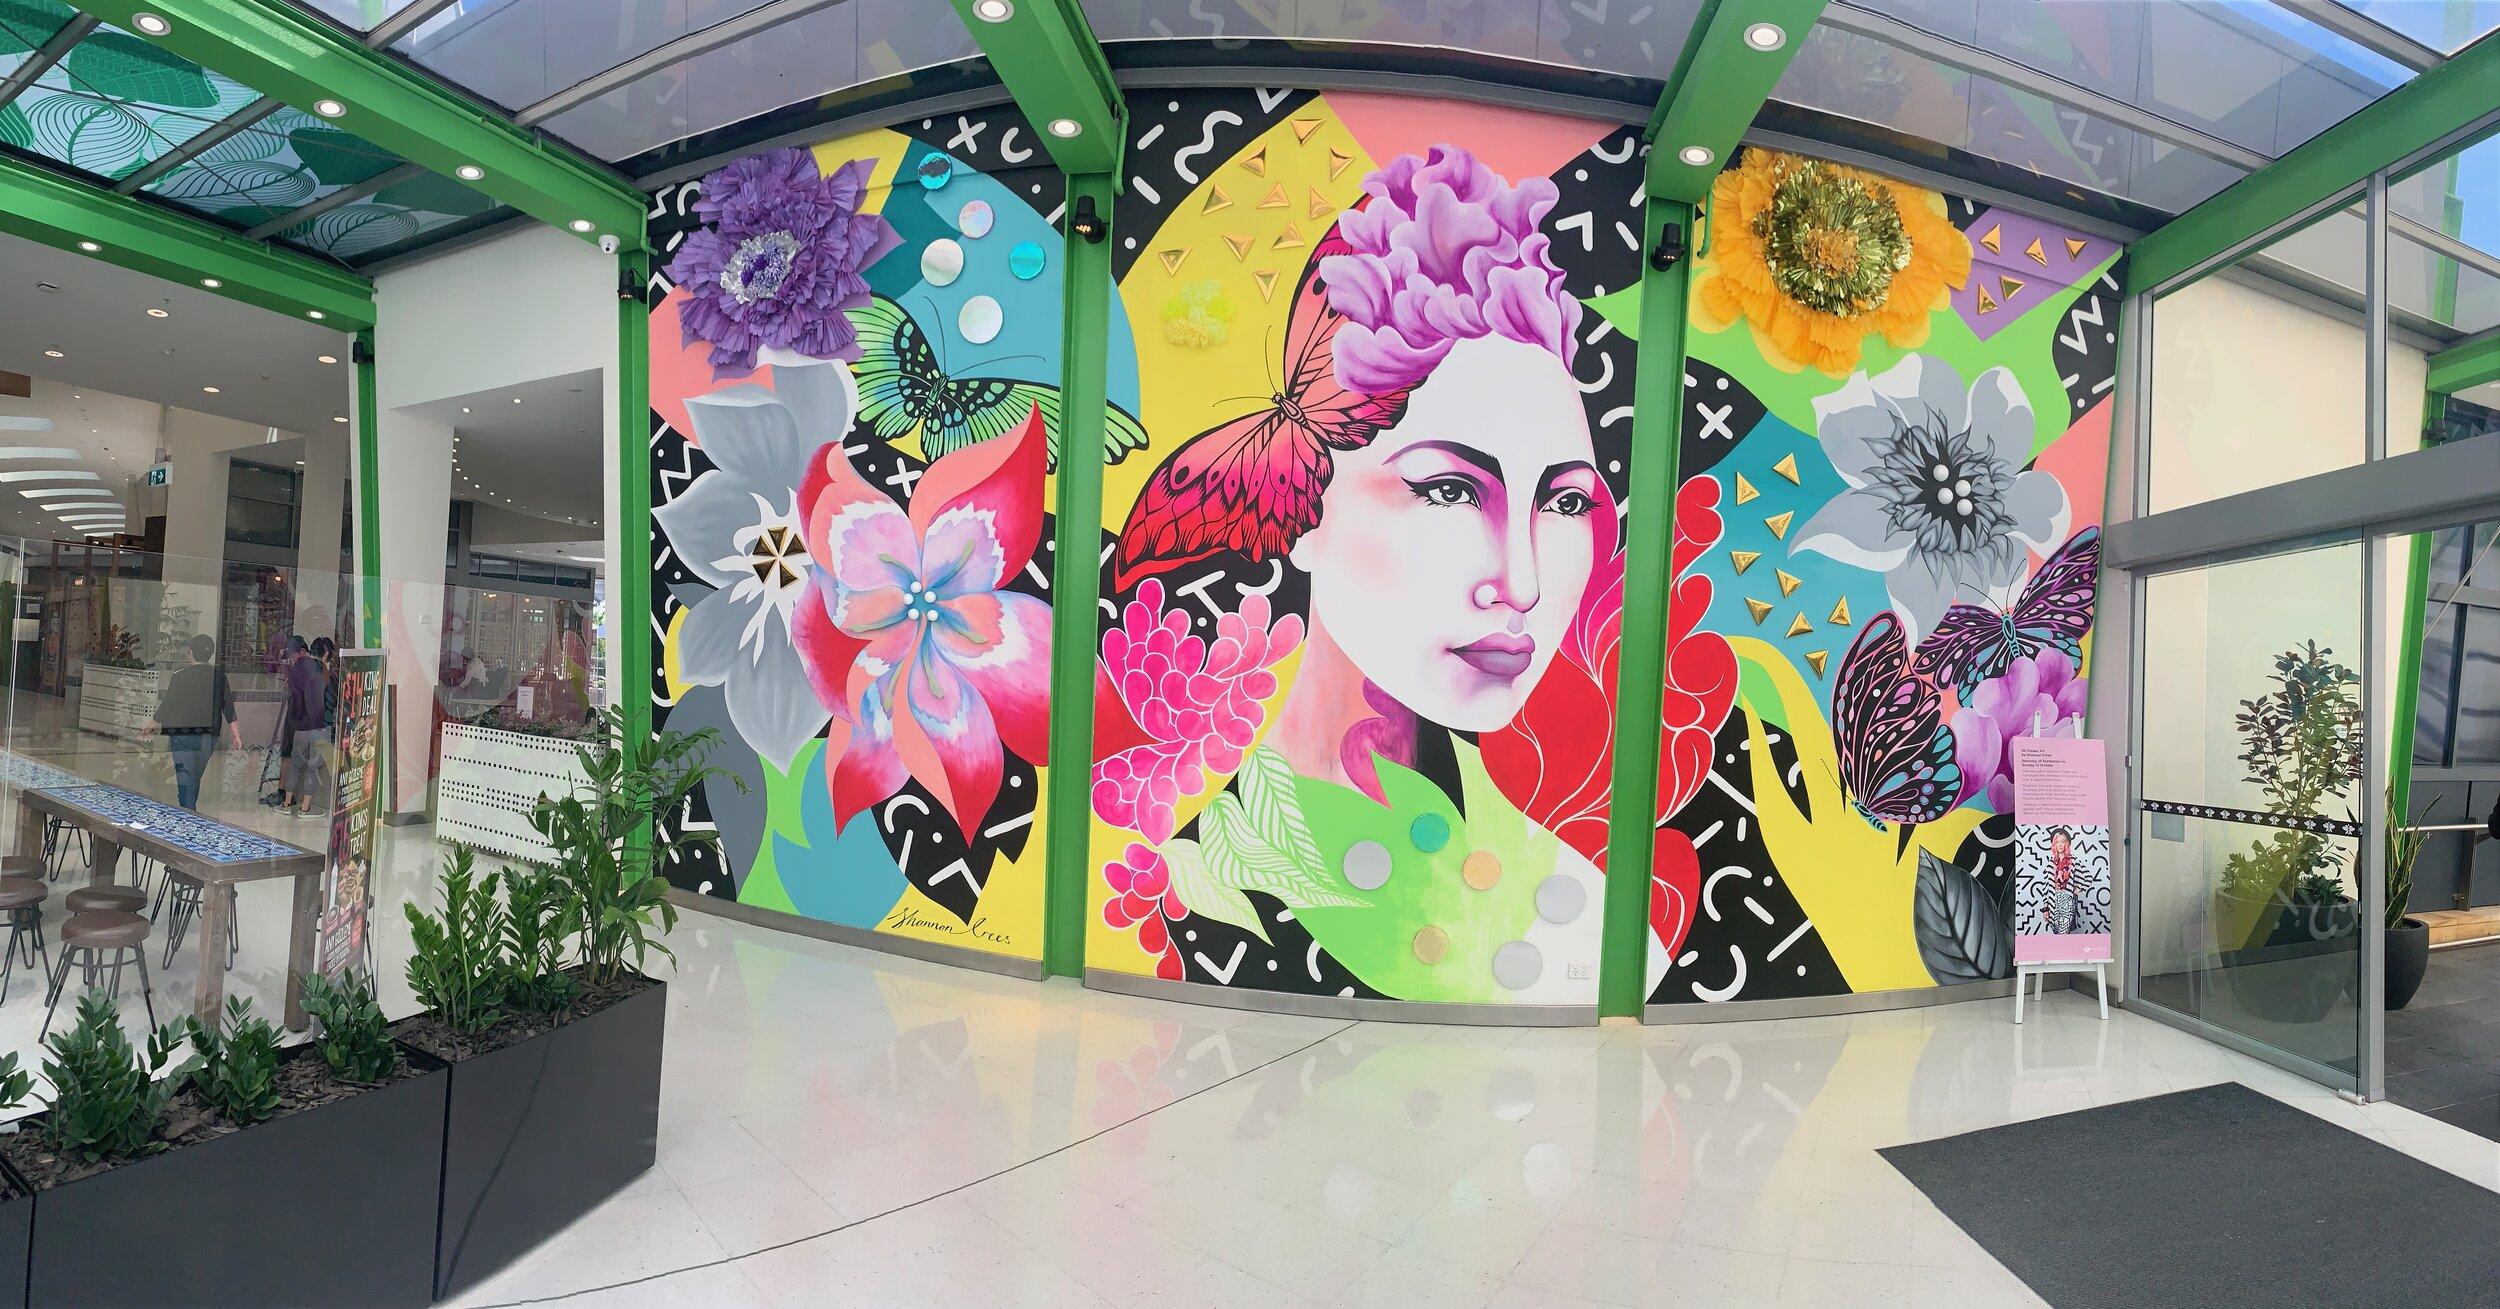 mural-artist-agency.JPG